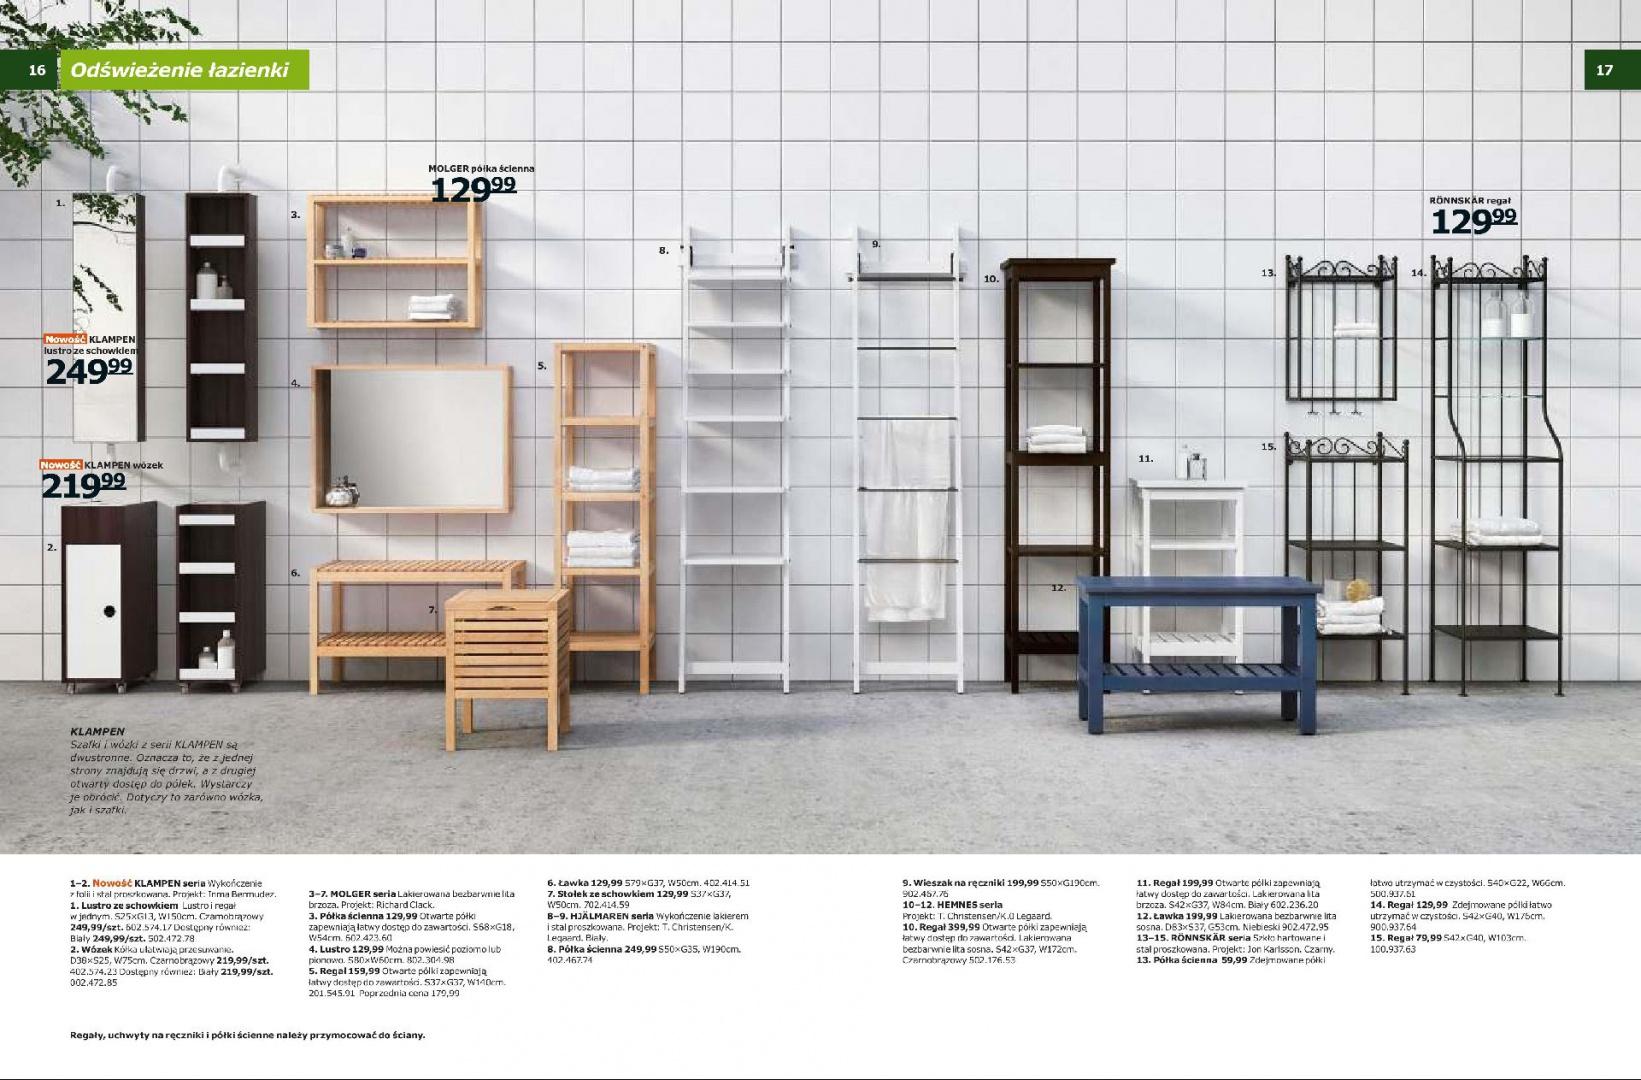 Ikea Najnowszy Katalog łazienki 2014 Galeria